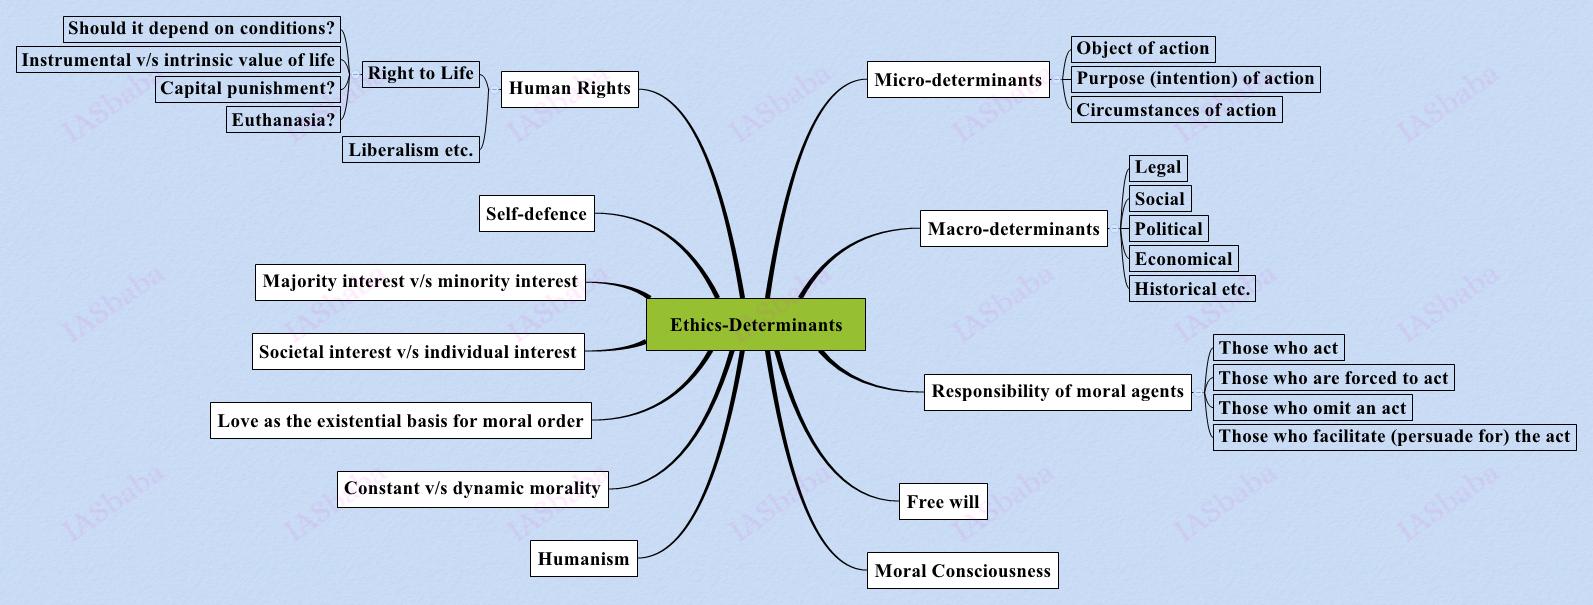 Ethics-Determinants